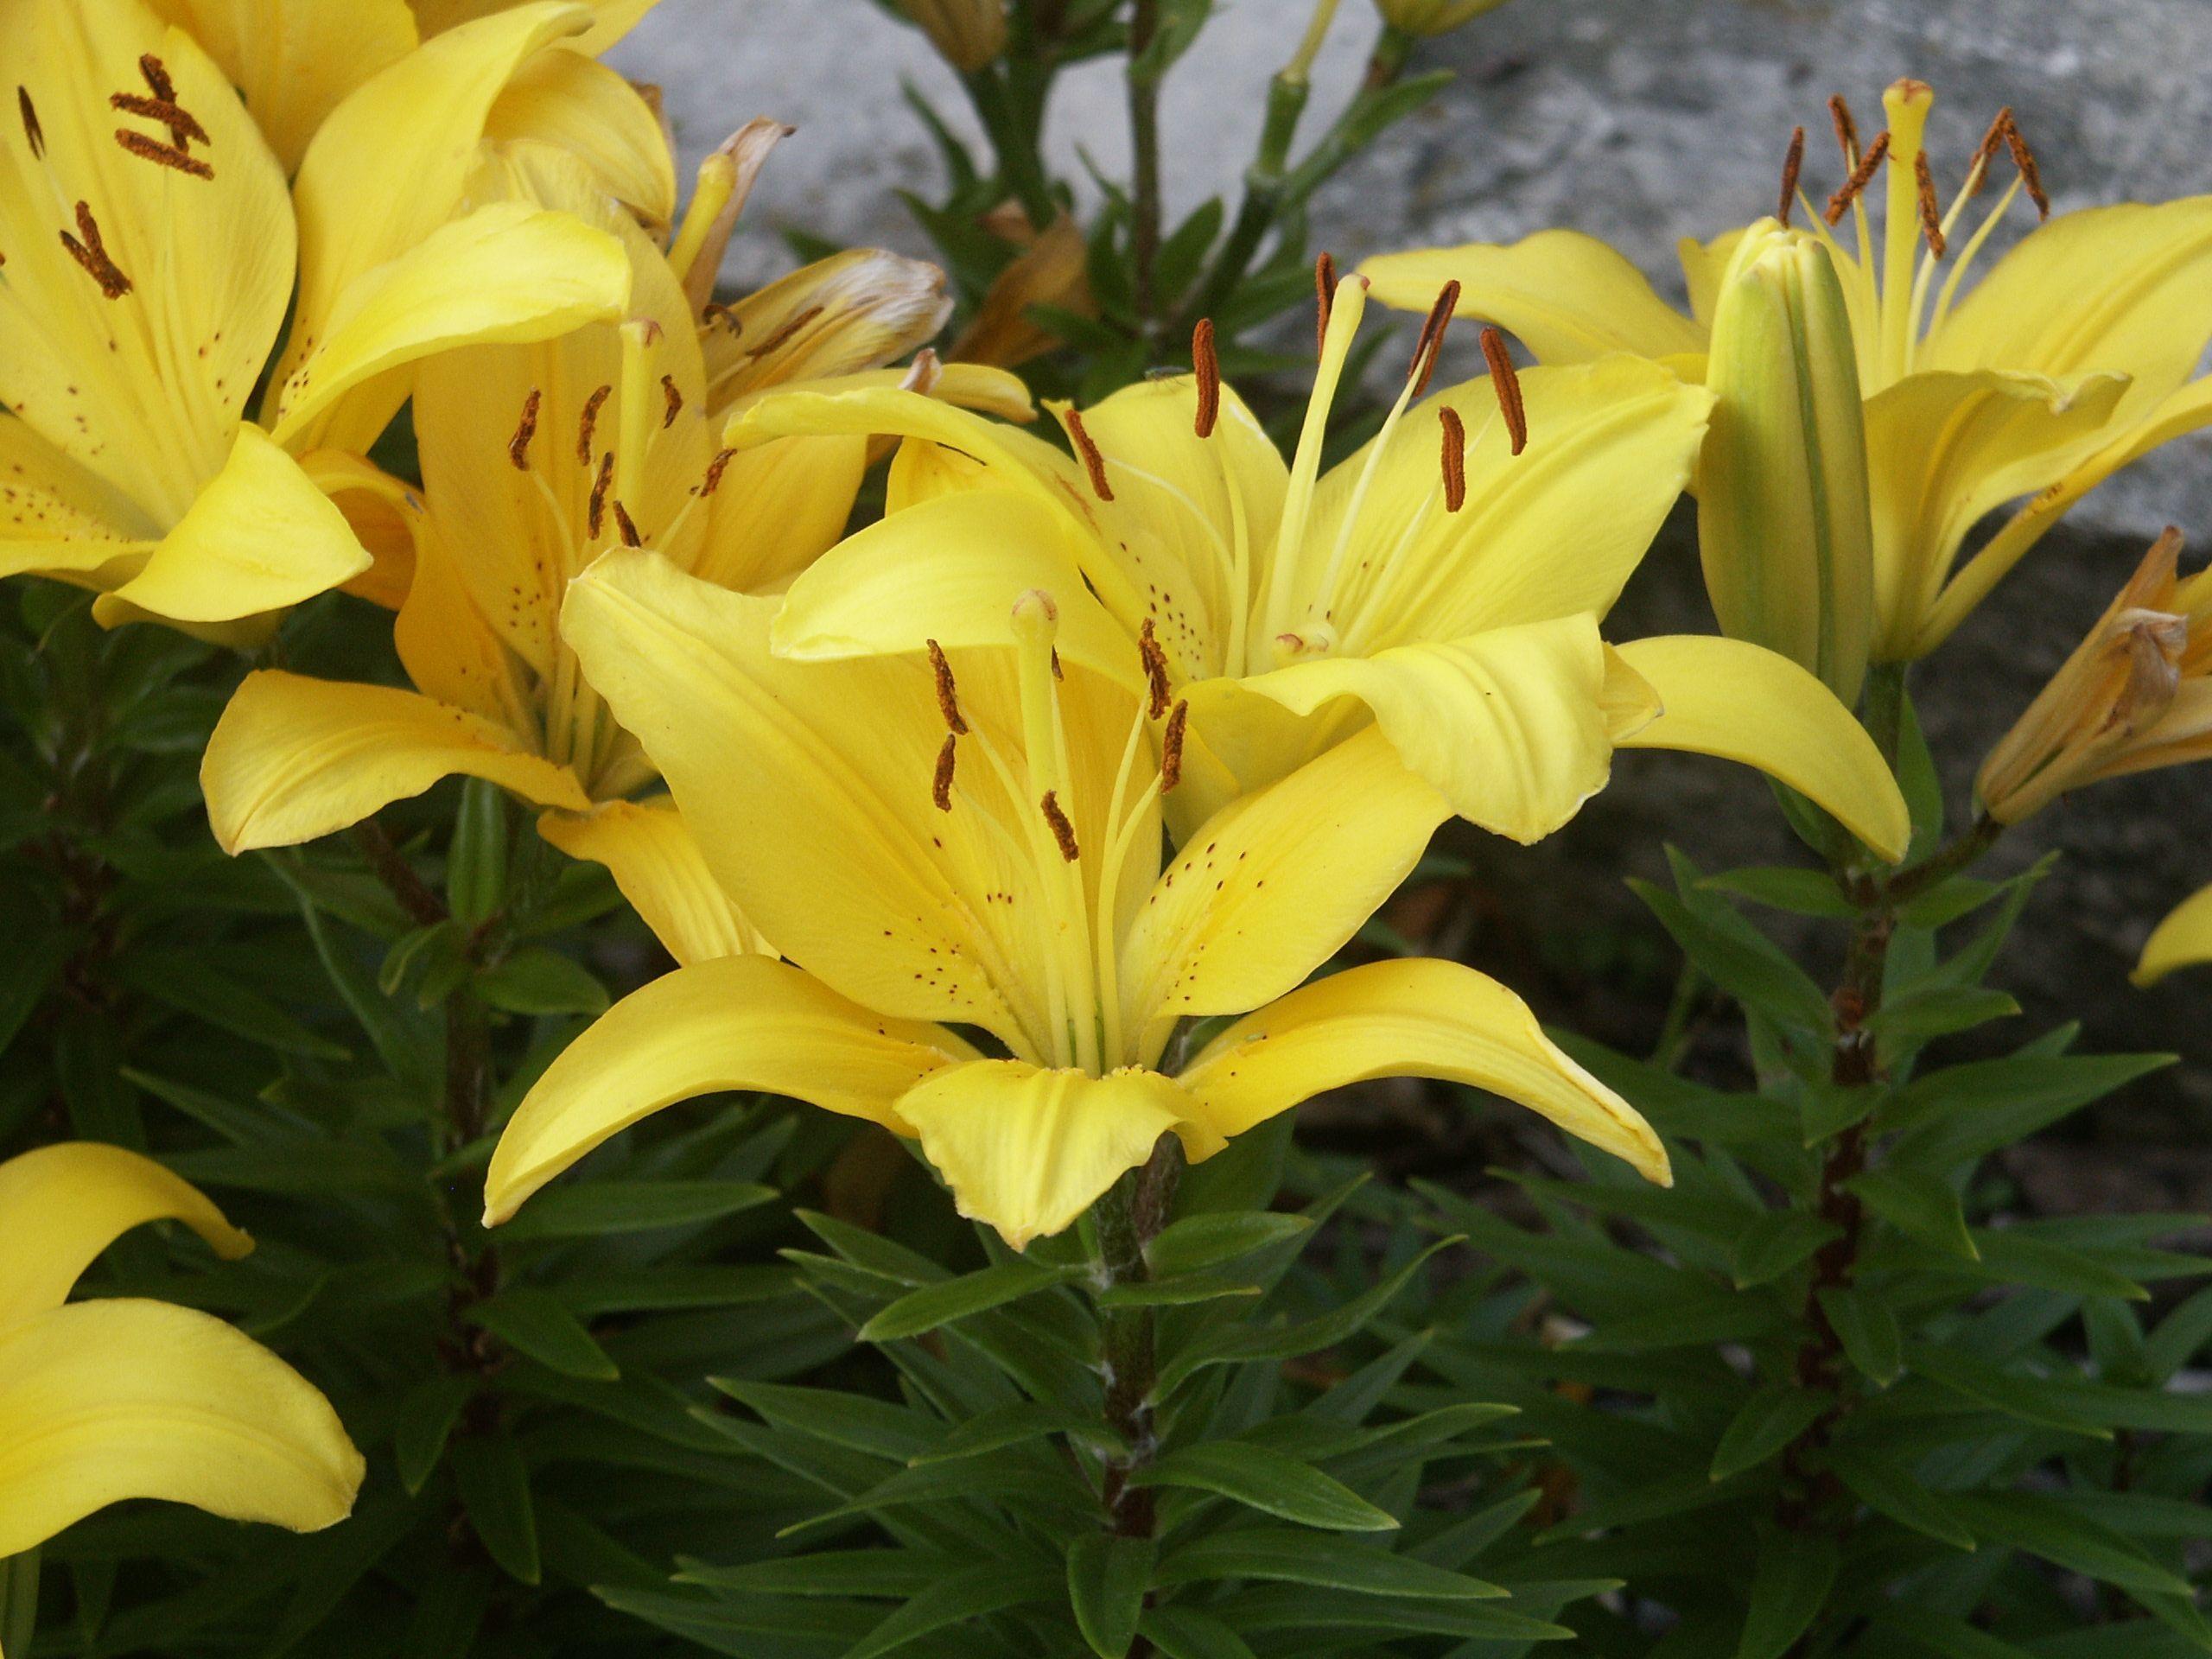 image libre grandes fleurs jaunes. Black Bedroom Furniture Sets. Home Design Ideas